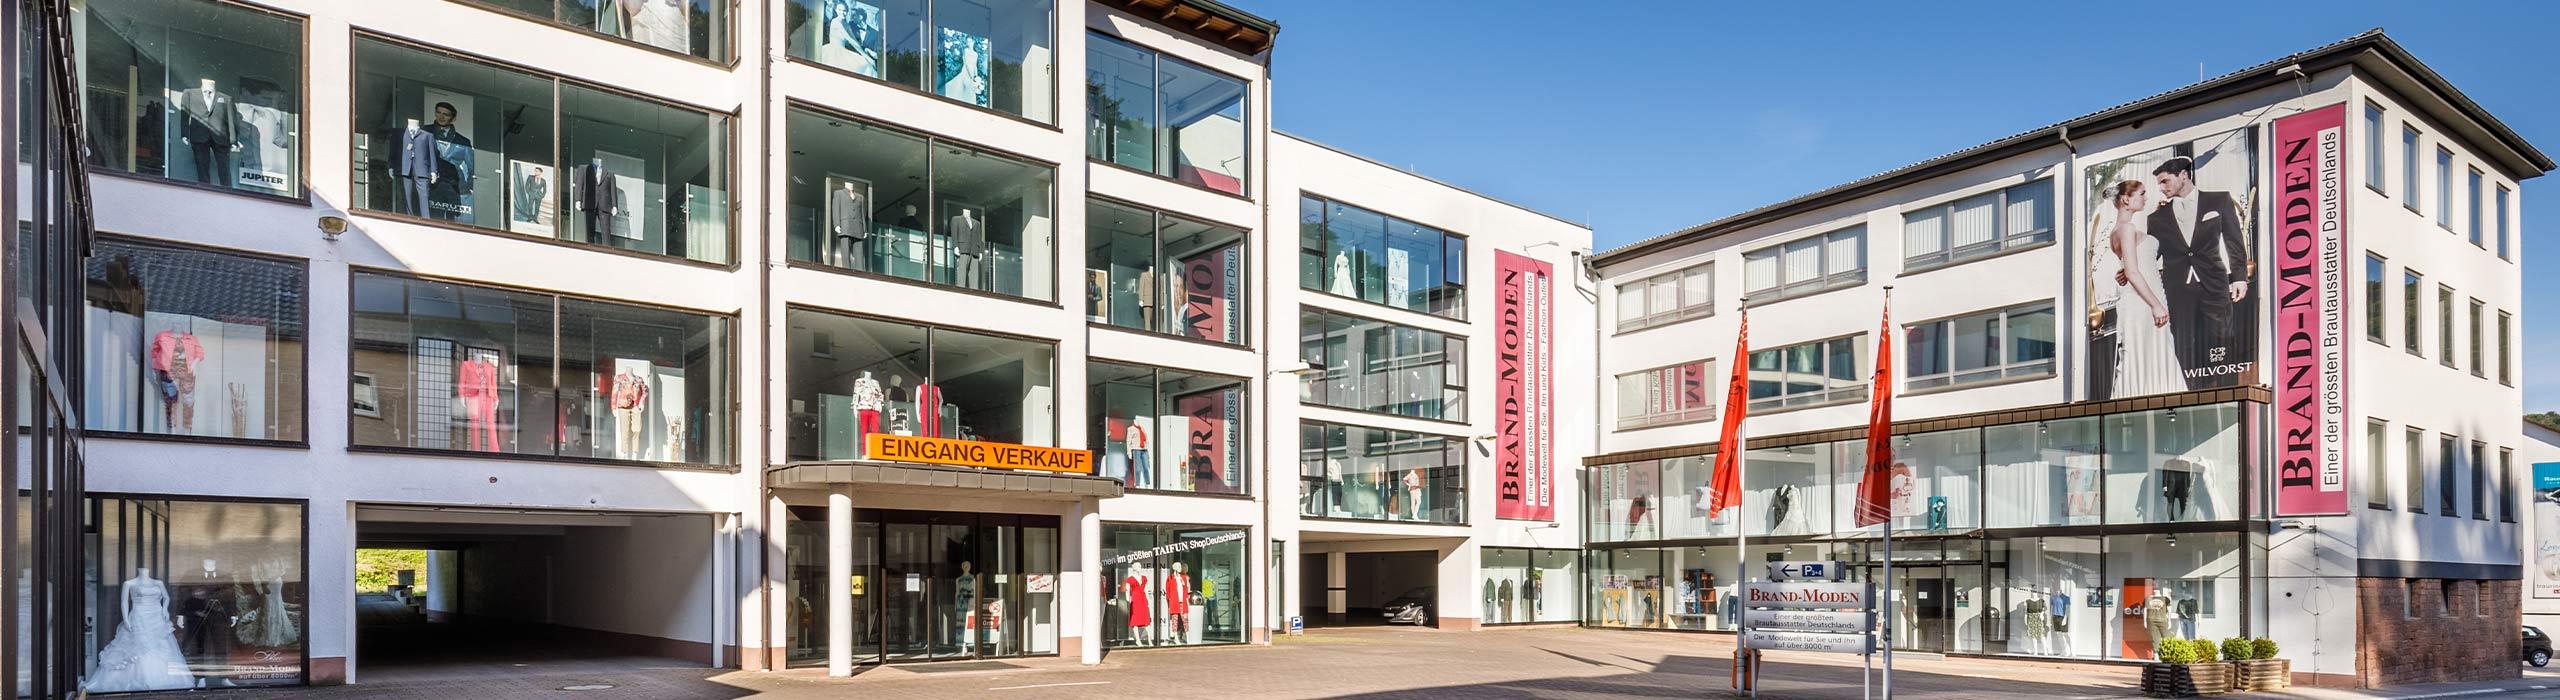 Brand - Moden Leidersbach